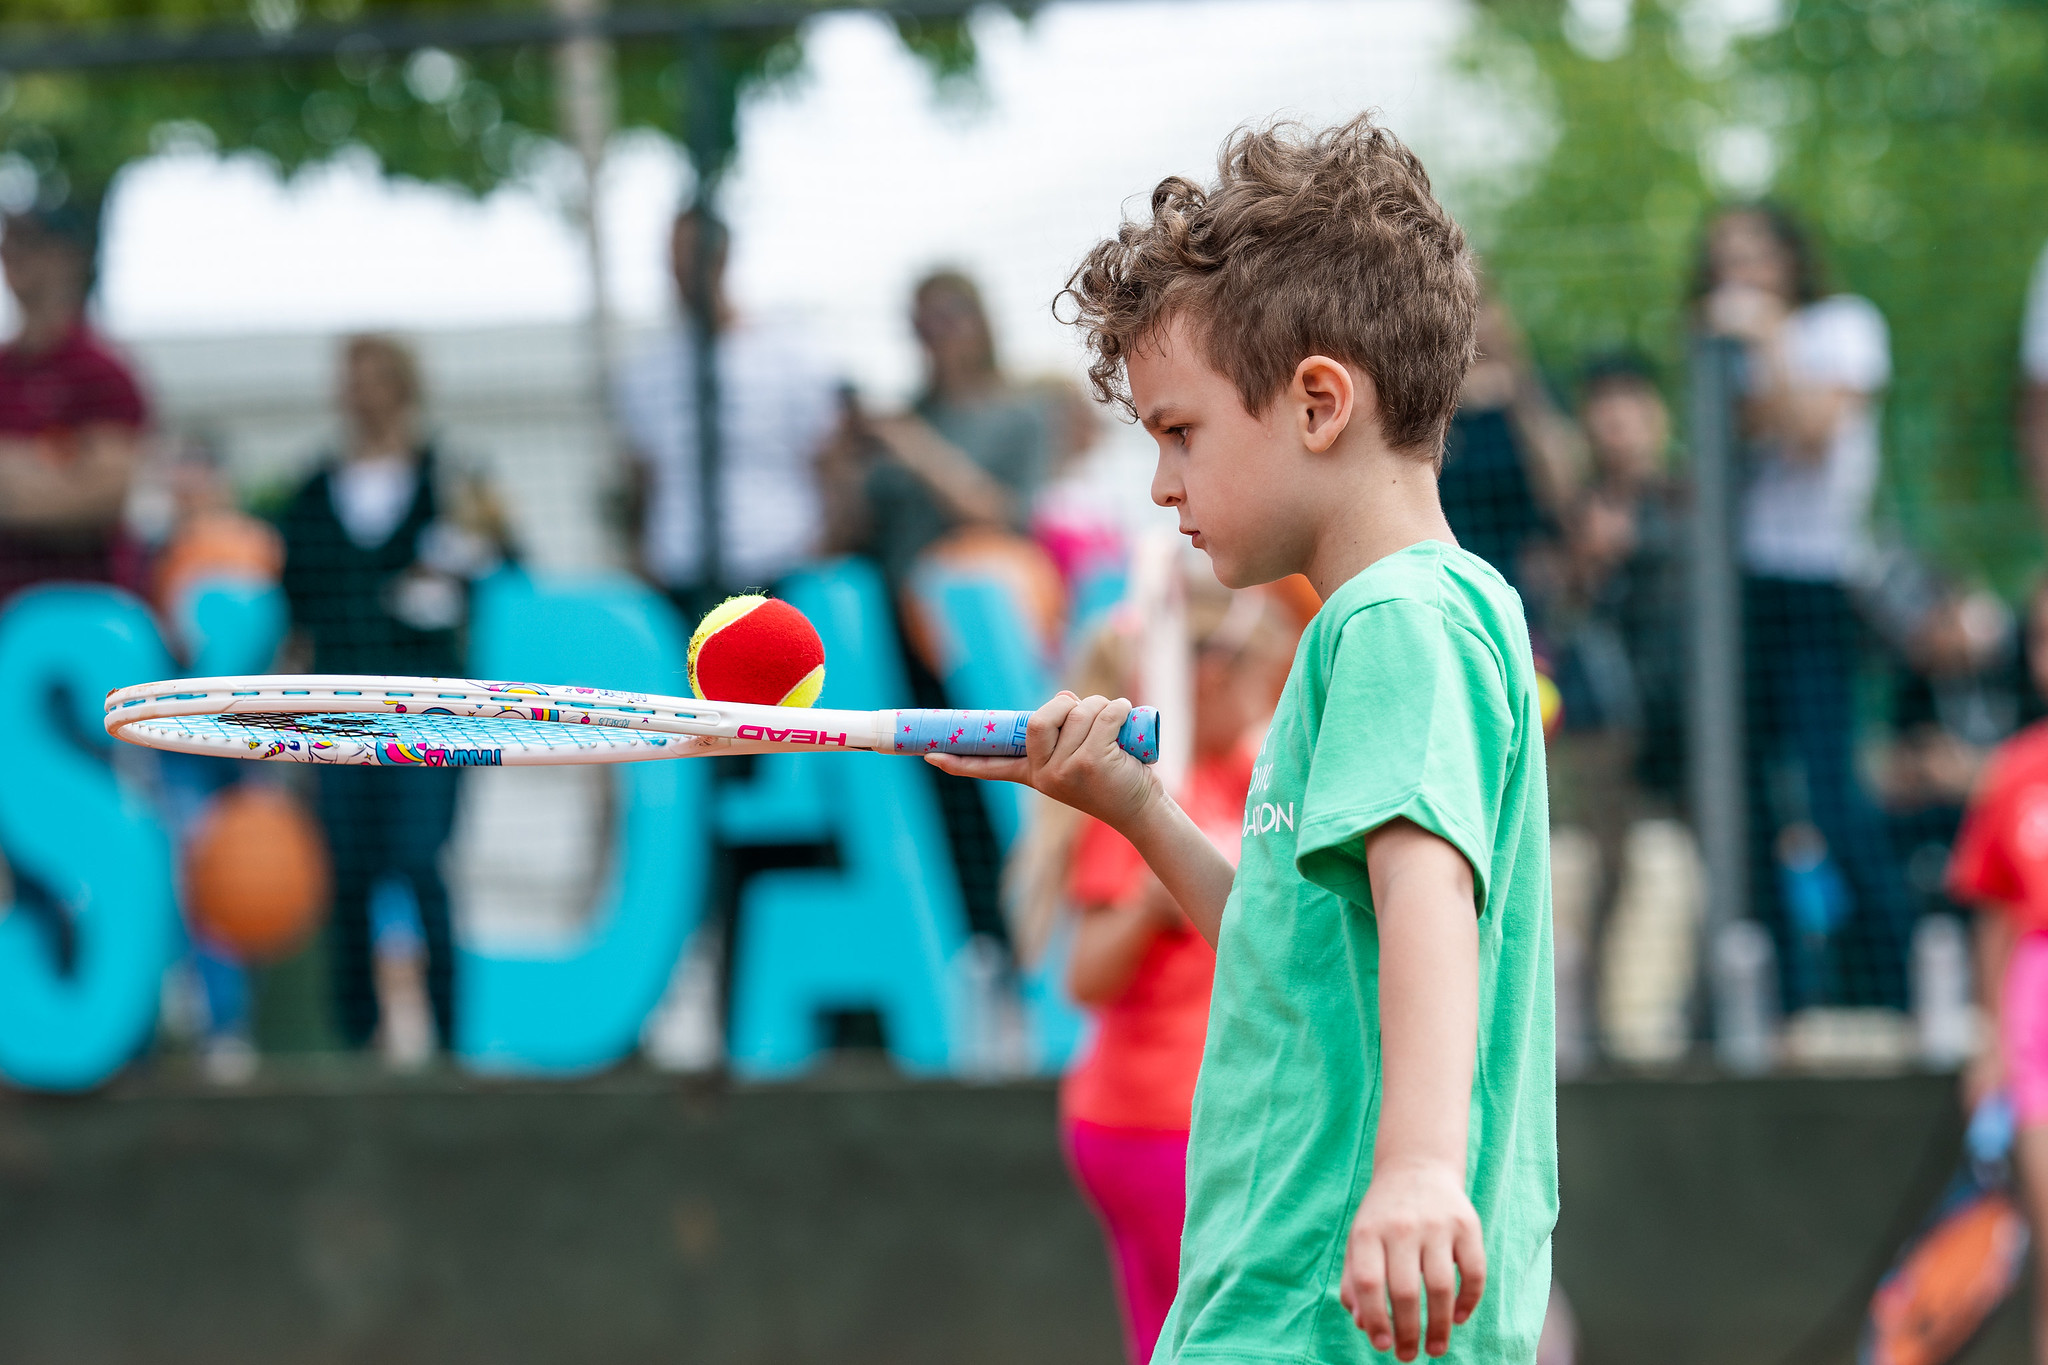 Put profesionalnog sporta je pun prepreka i izazova, koje mogu prouzrokovati kod deteta razne emocije sa kojima ono ne ume da se izbori na dobar način.